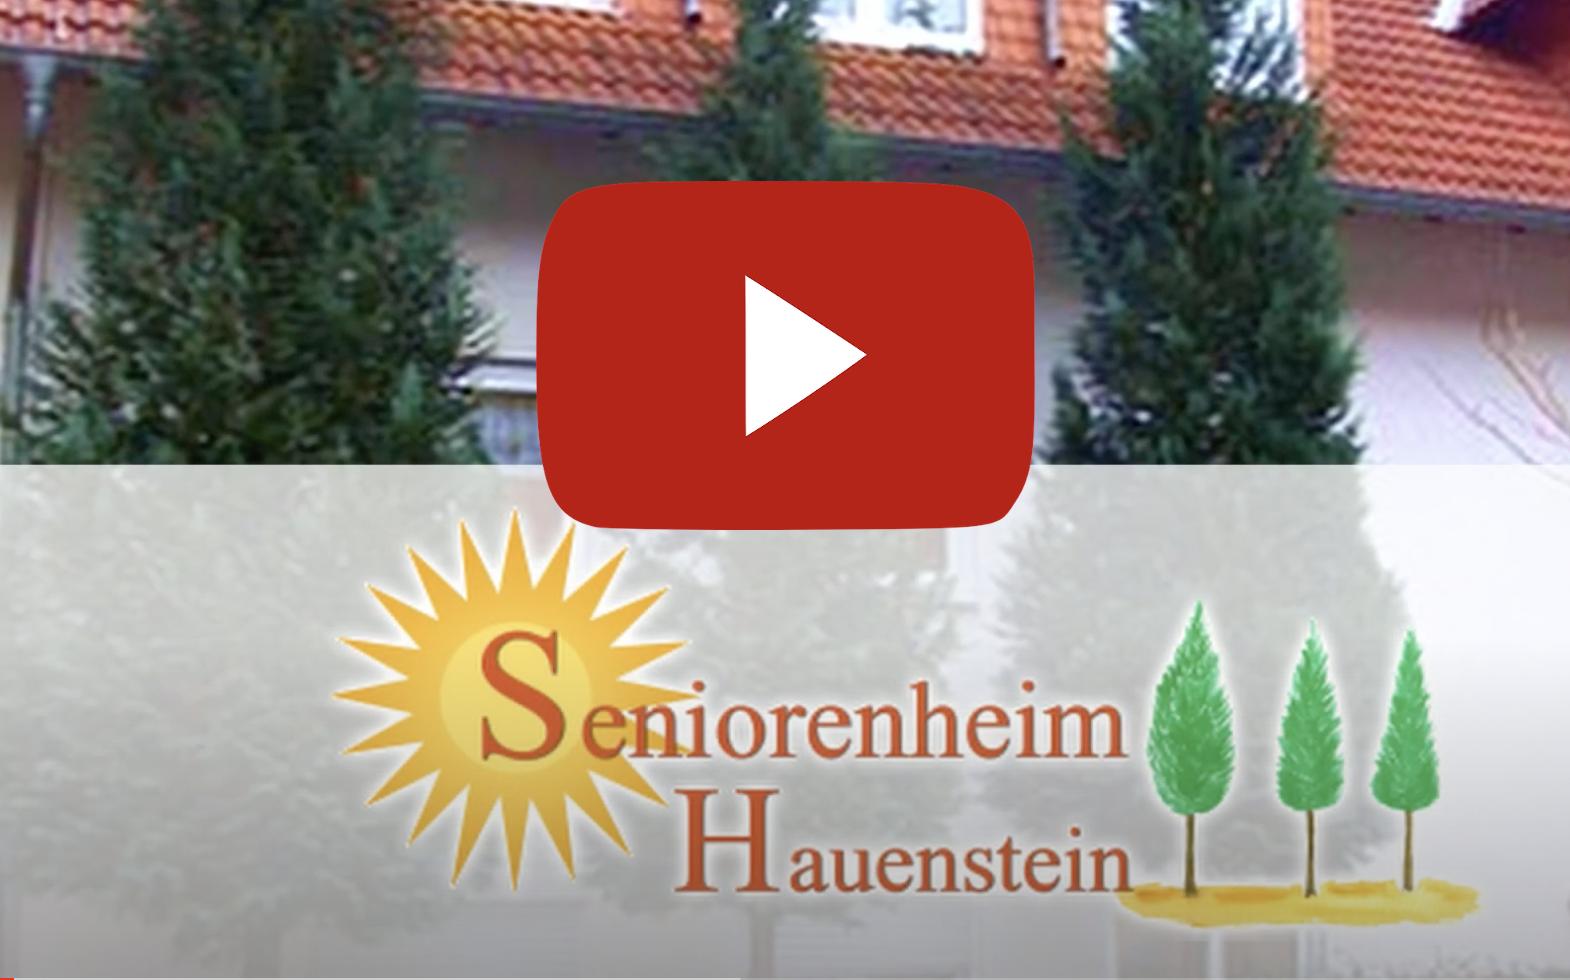 Seniorenheim Hauenstein auf Youtube